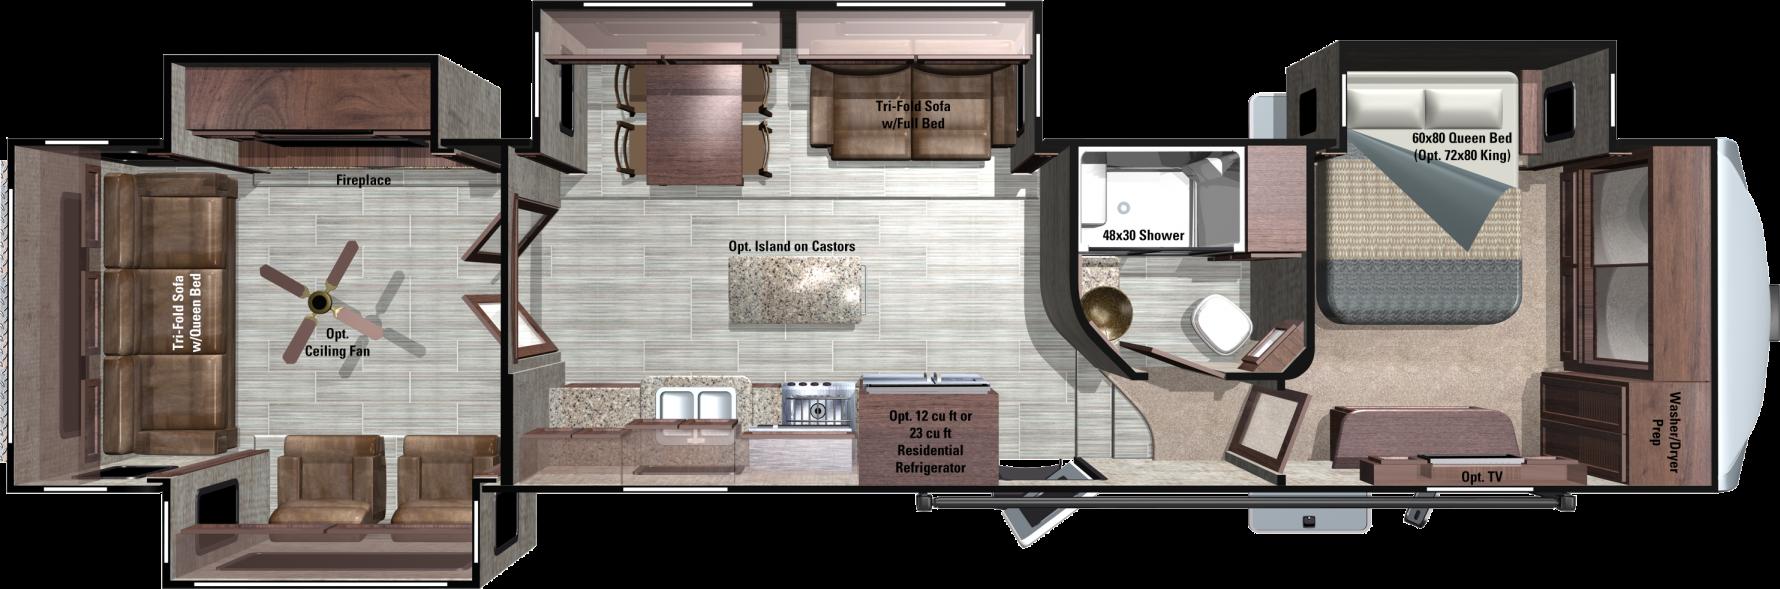 RF430RLS Floorplan